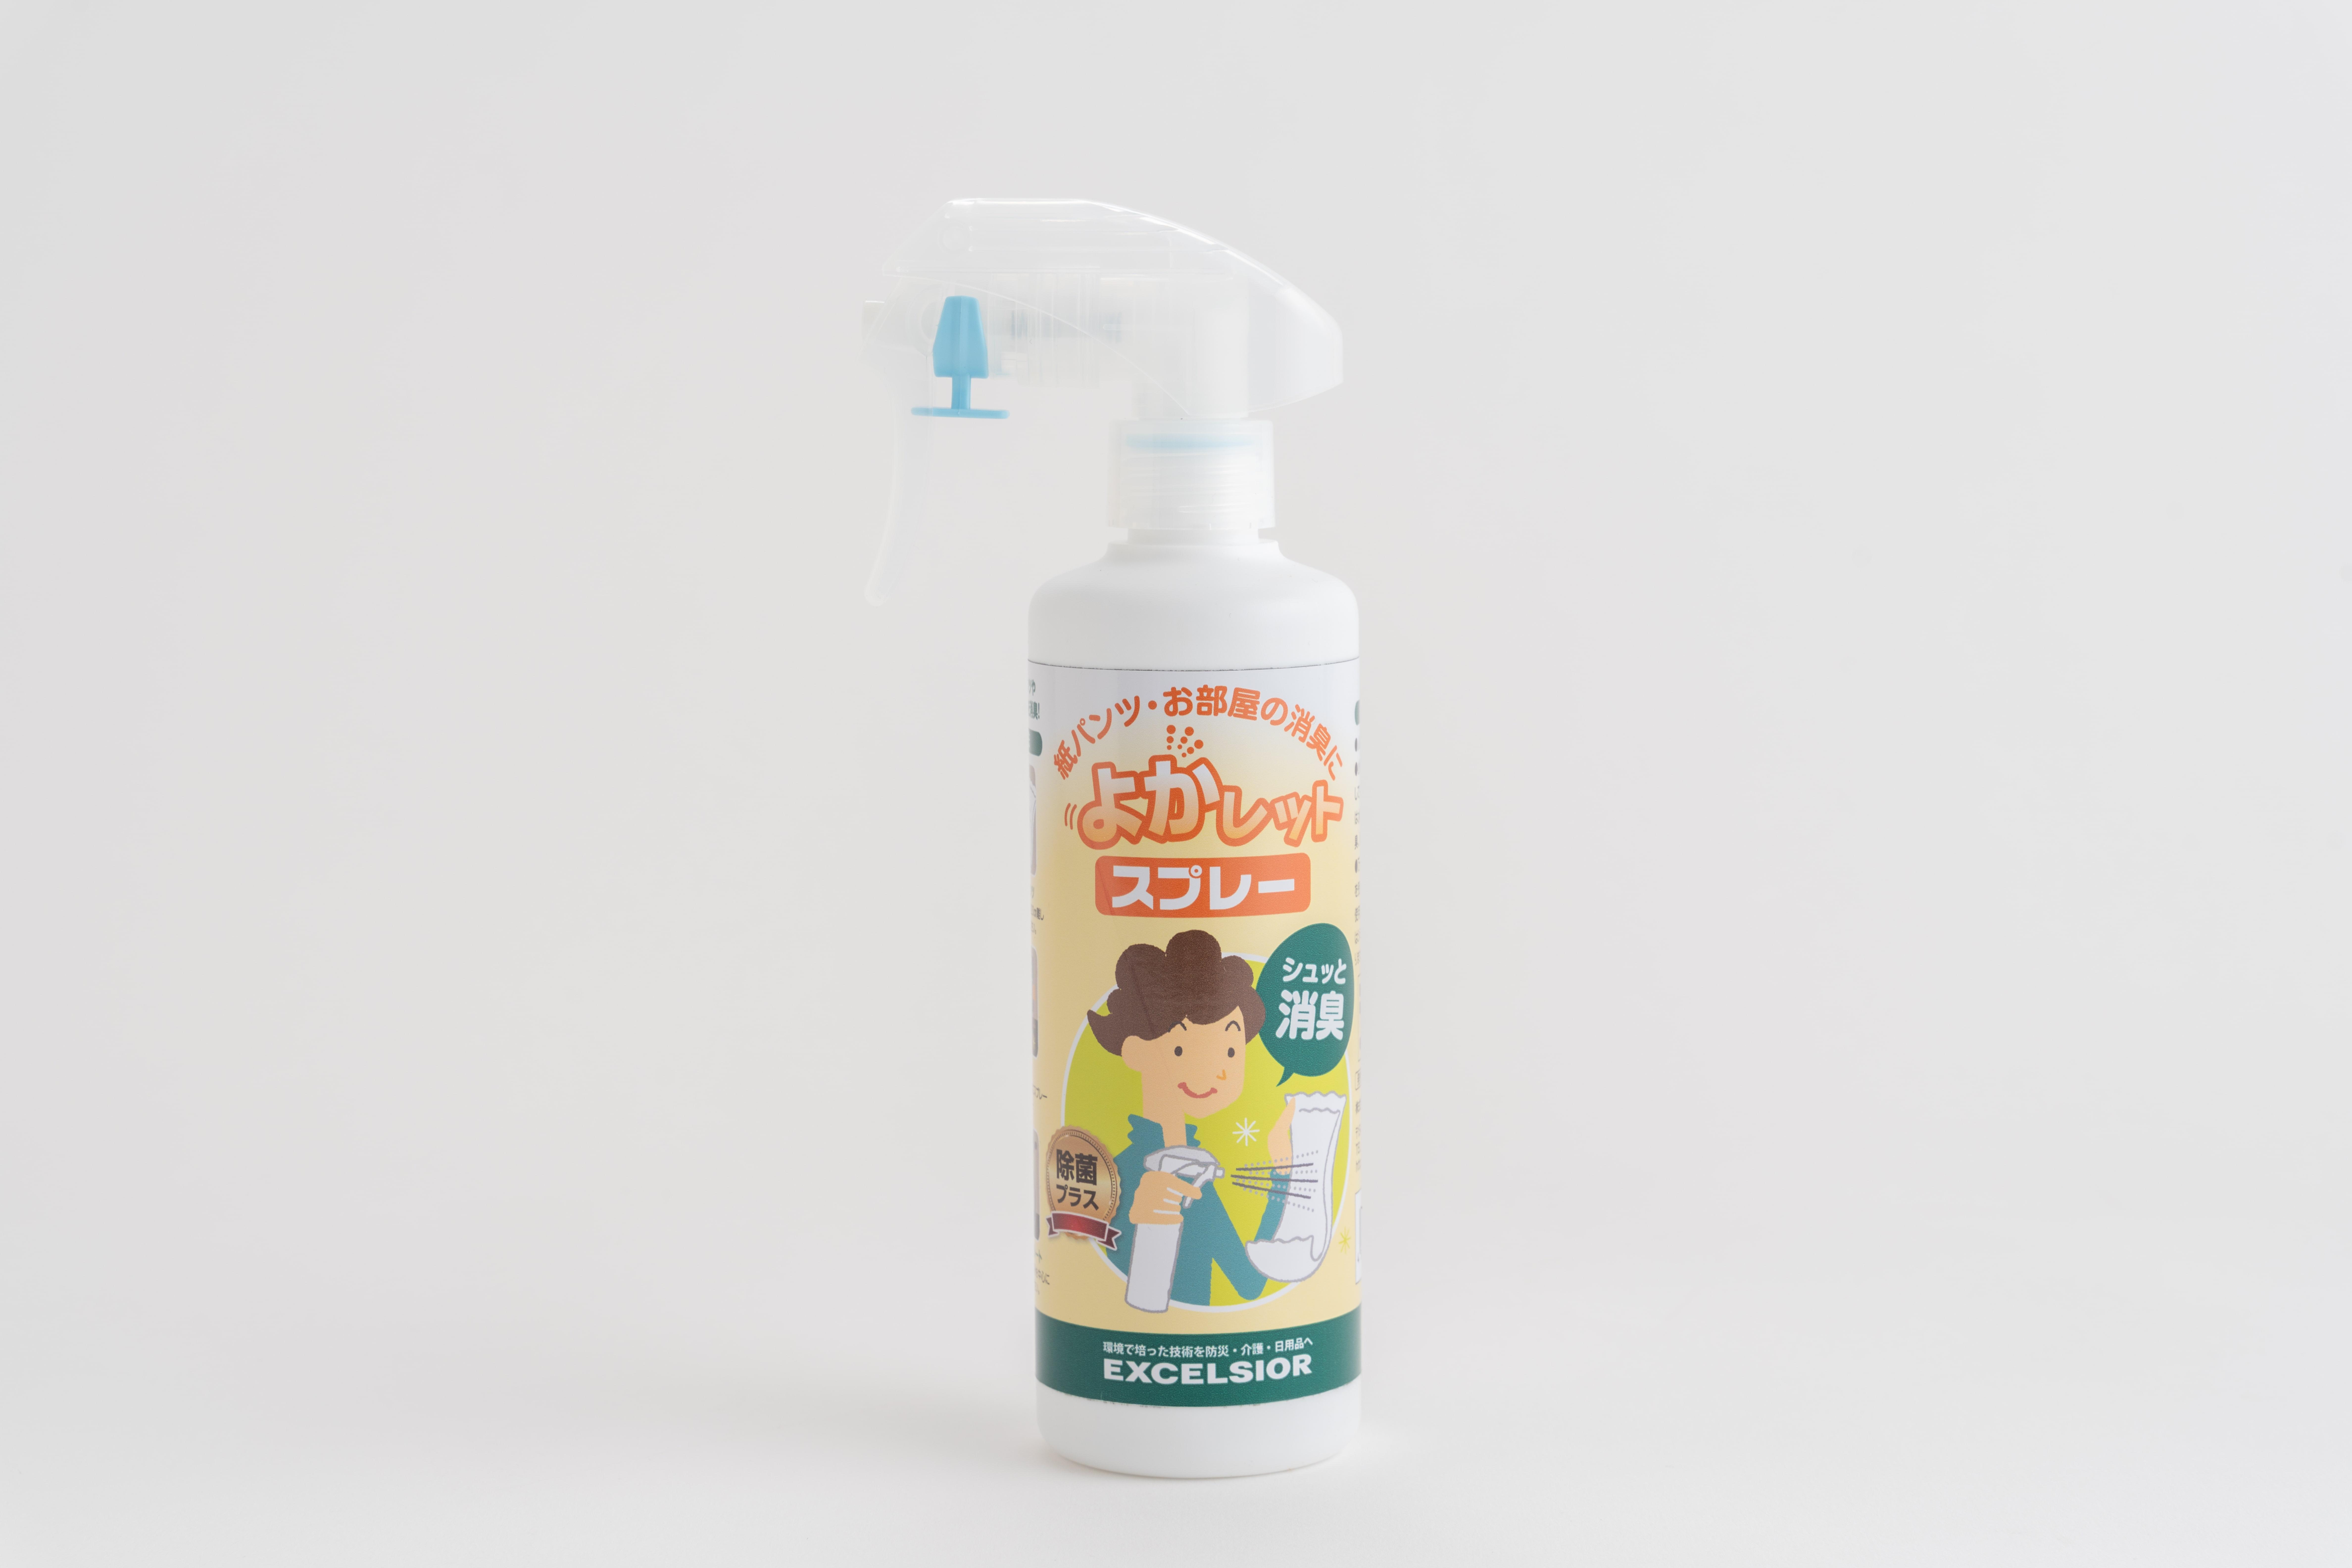 【エクセルシア除菌消臭スプレー】(新)よかレットスプレー 除菌プラス300ml 6本セット